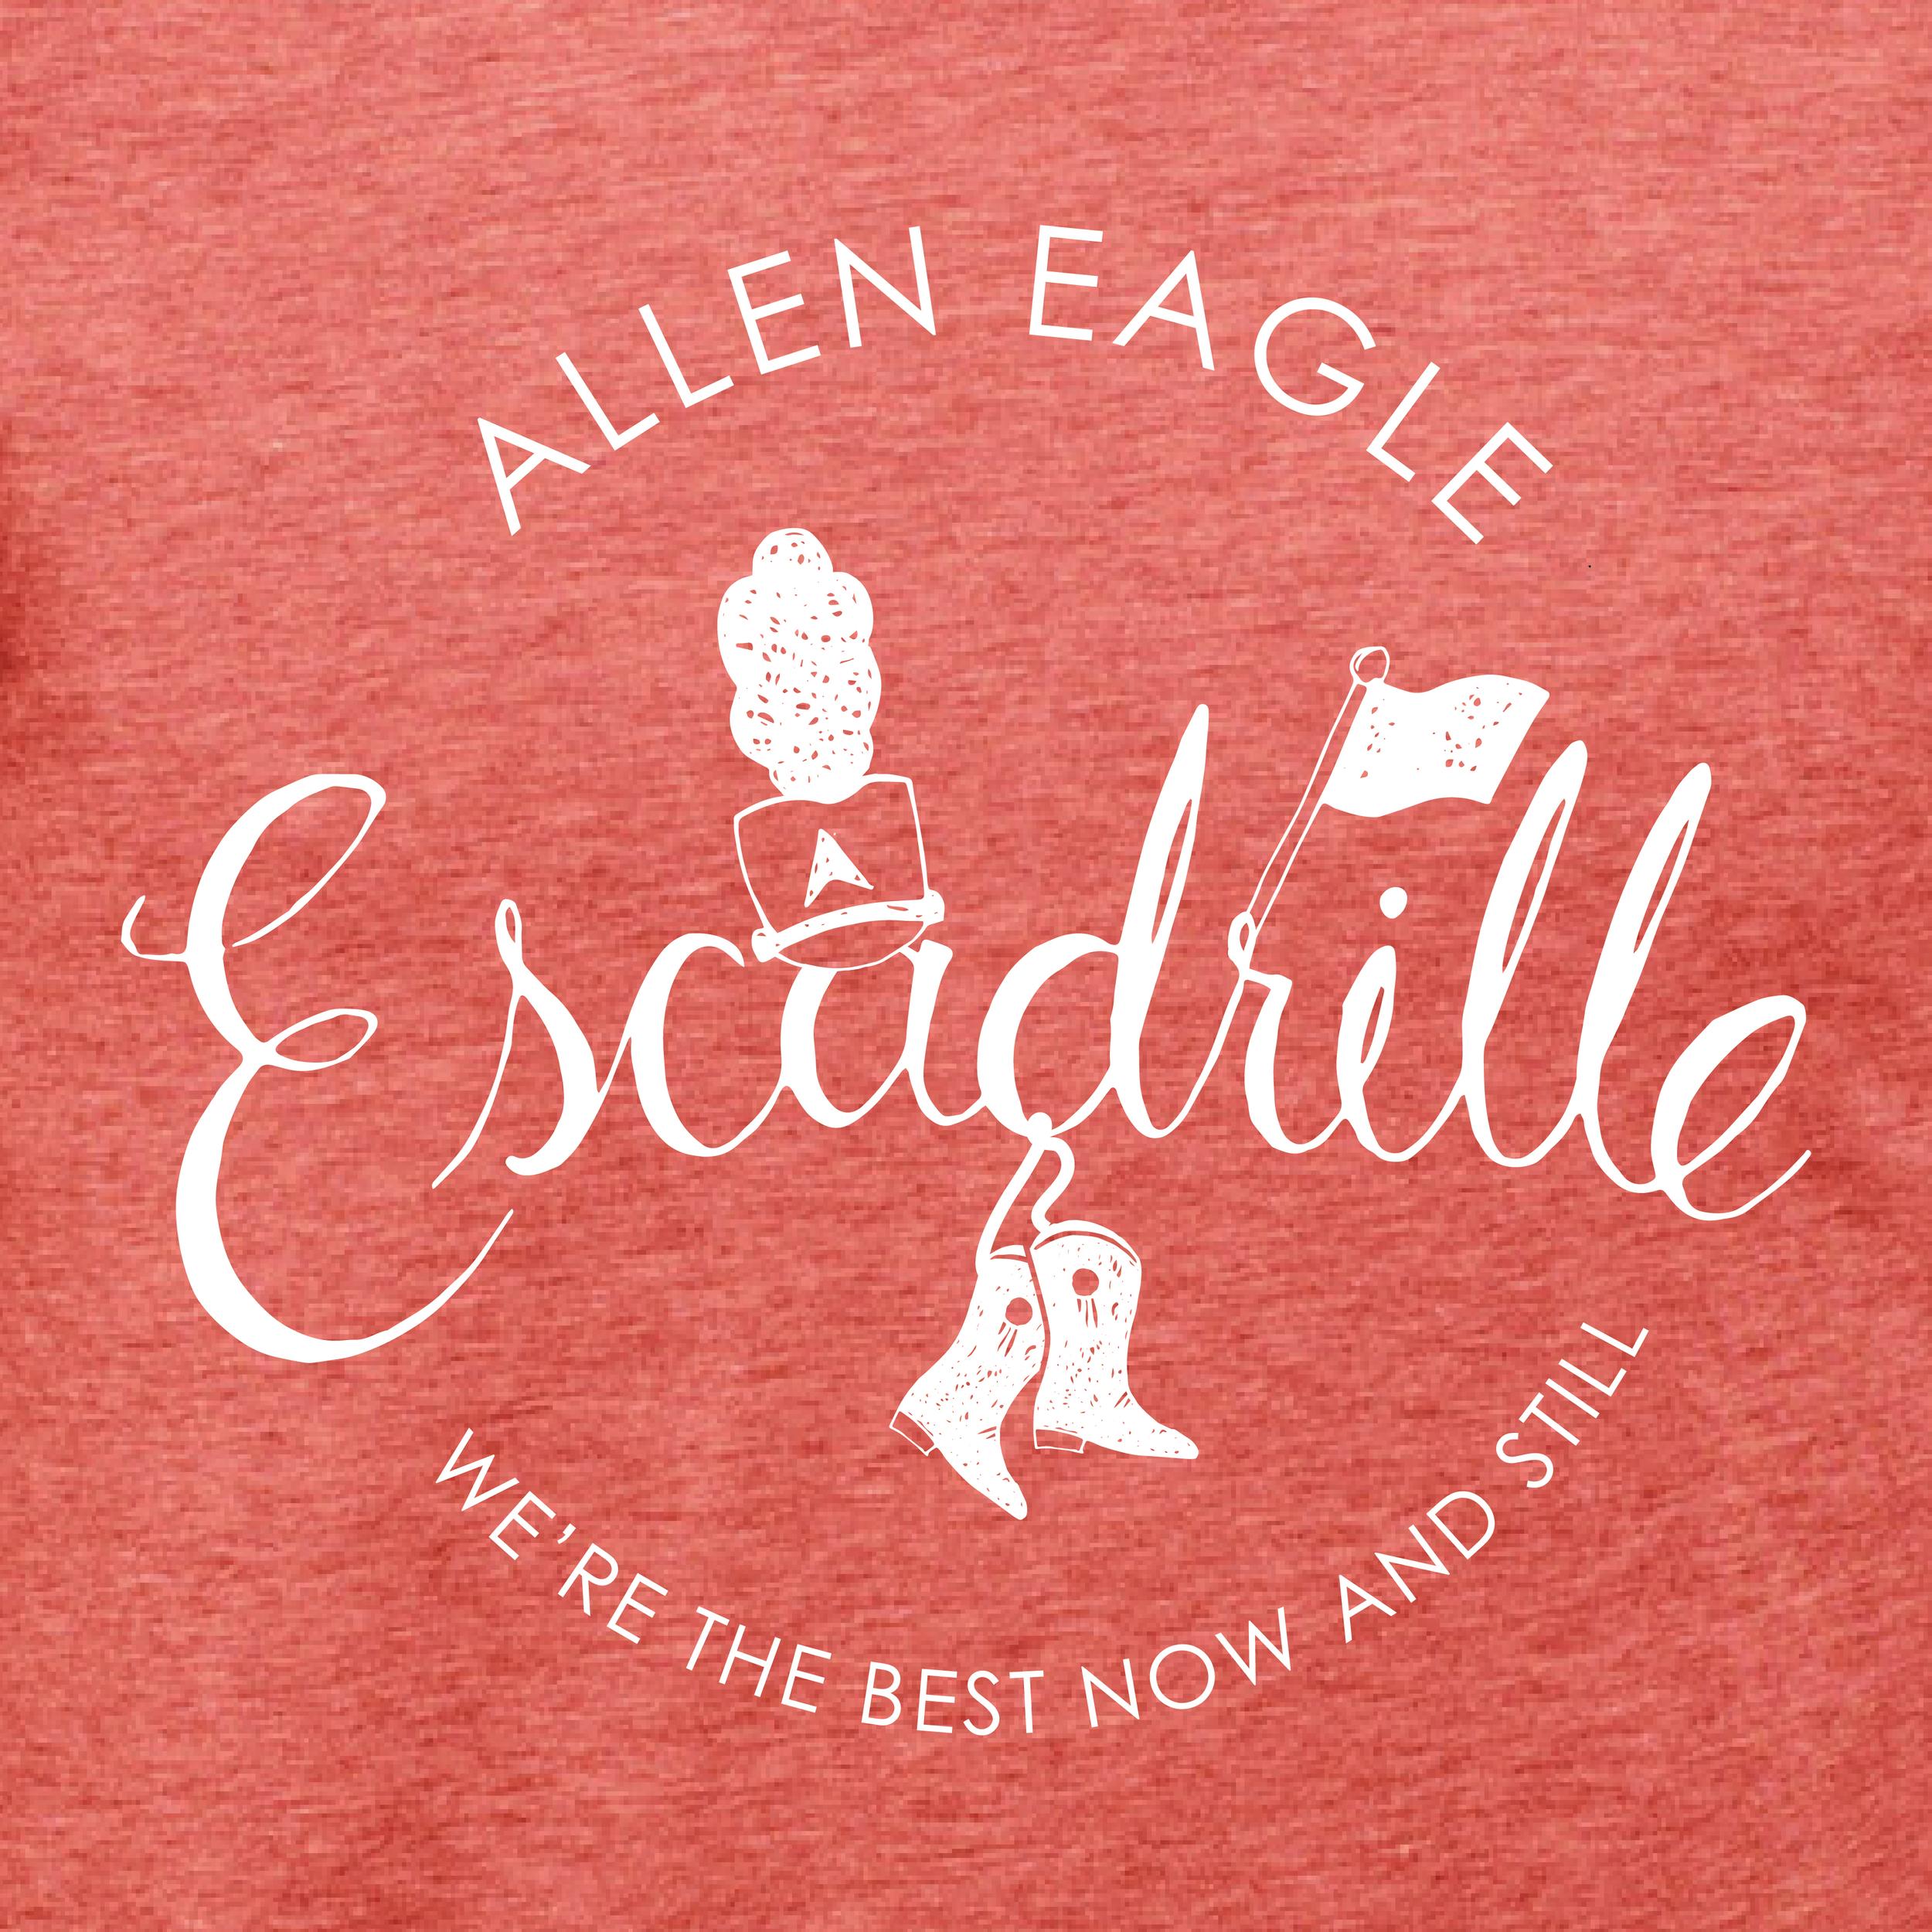 EscadrileShirt-01.jpg